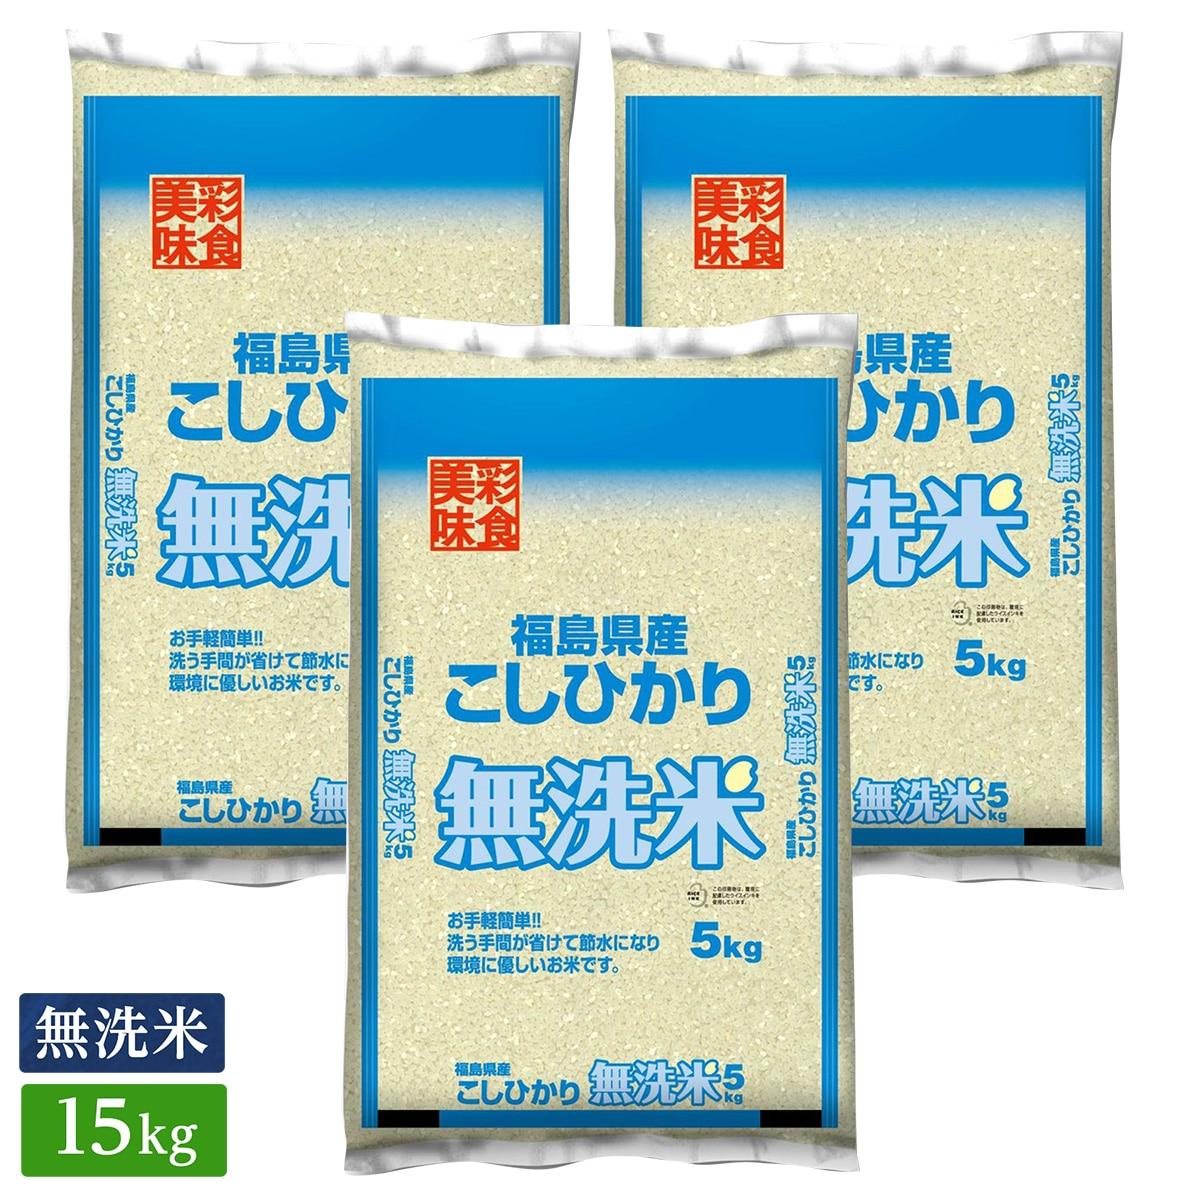 ■◇無洗米 令和2年産 福島県産 コシヒカリ 15kg(5kg×3袋)